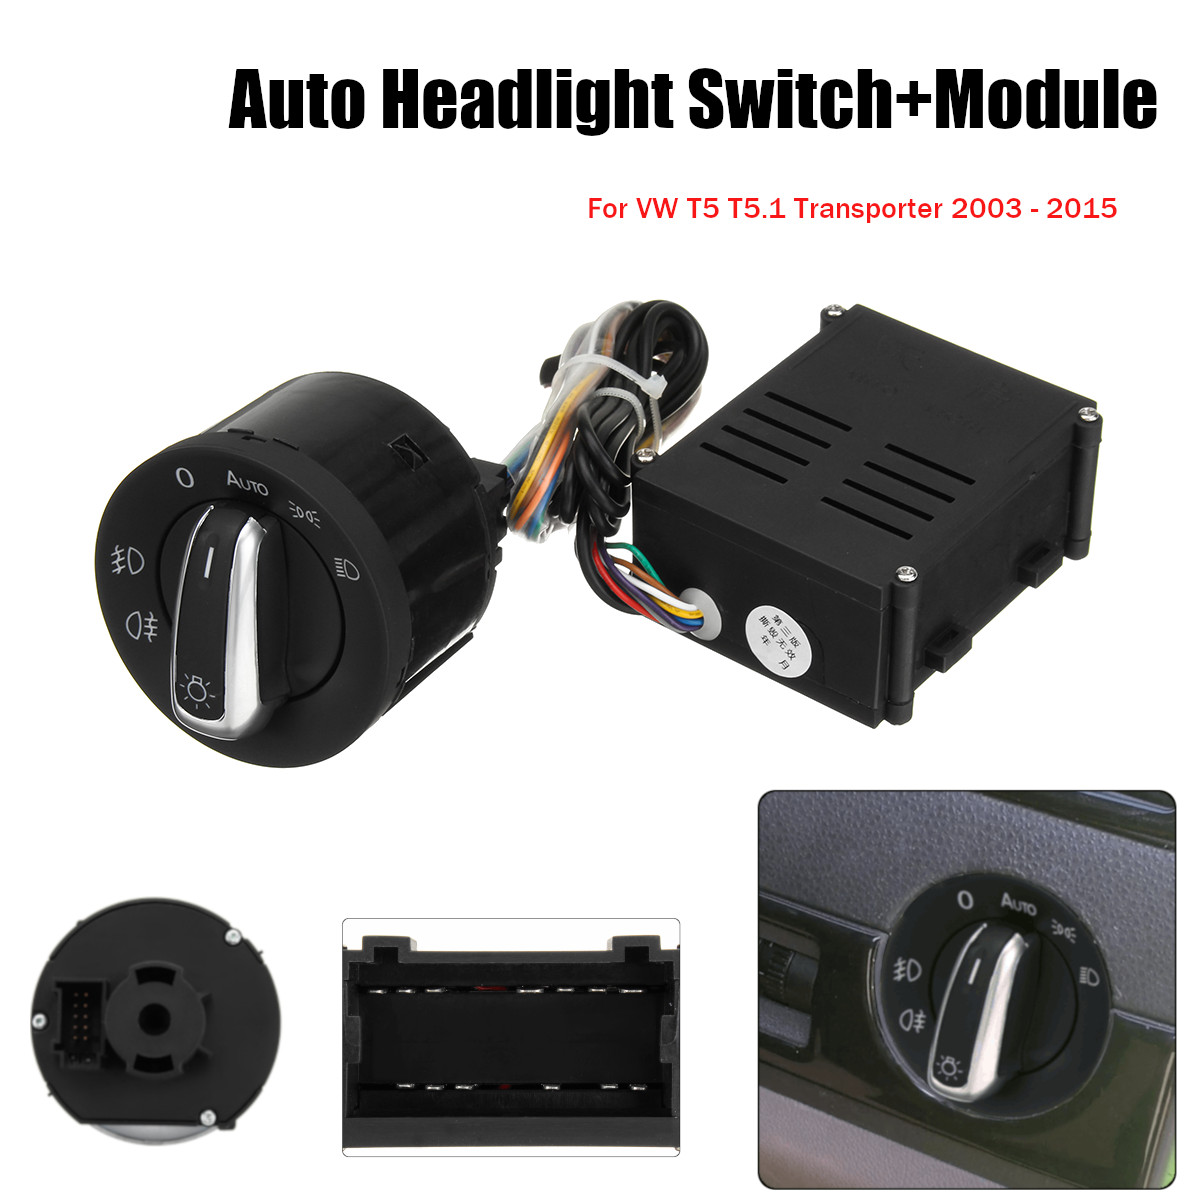 Commutateur automatique de phare de capteur de phare de voiture + Module de contrôle pour le transporteur 2003-2015 de VW T5 T5.1